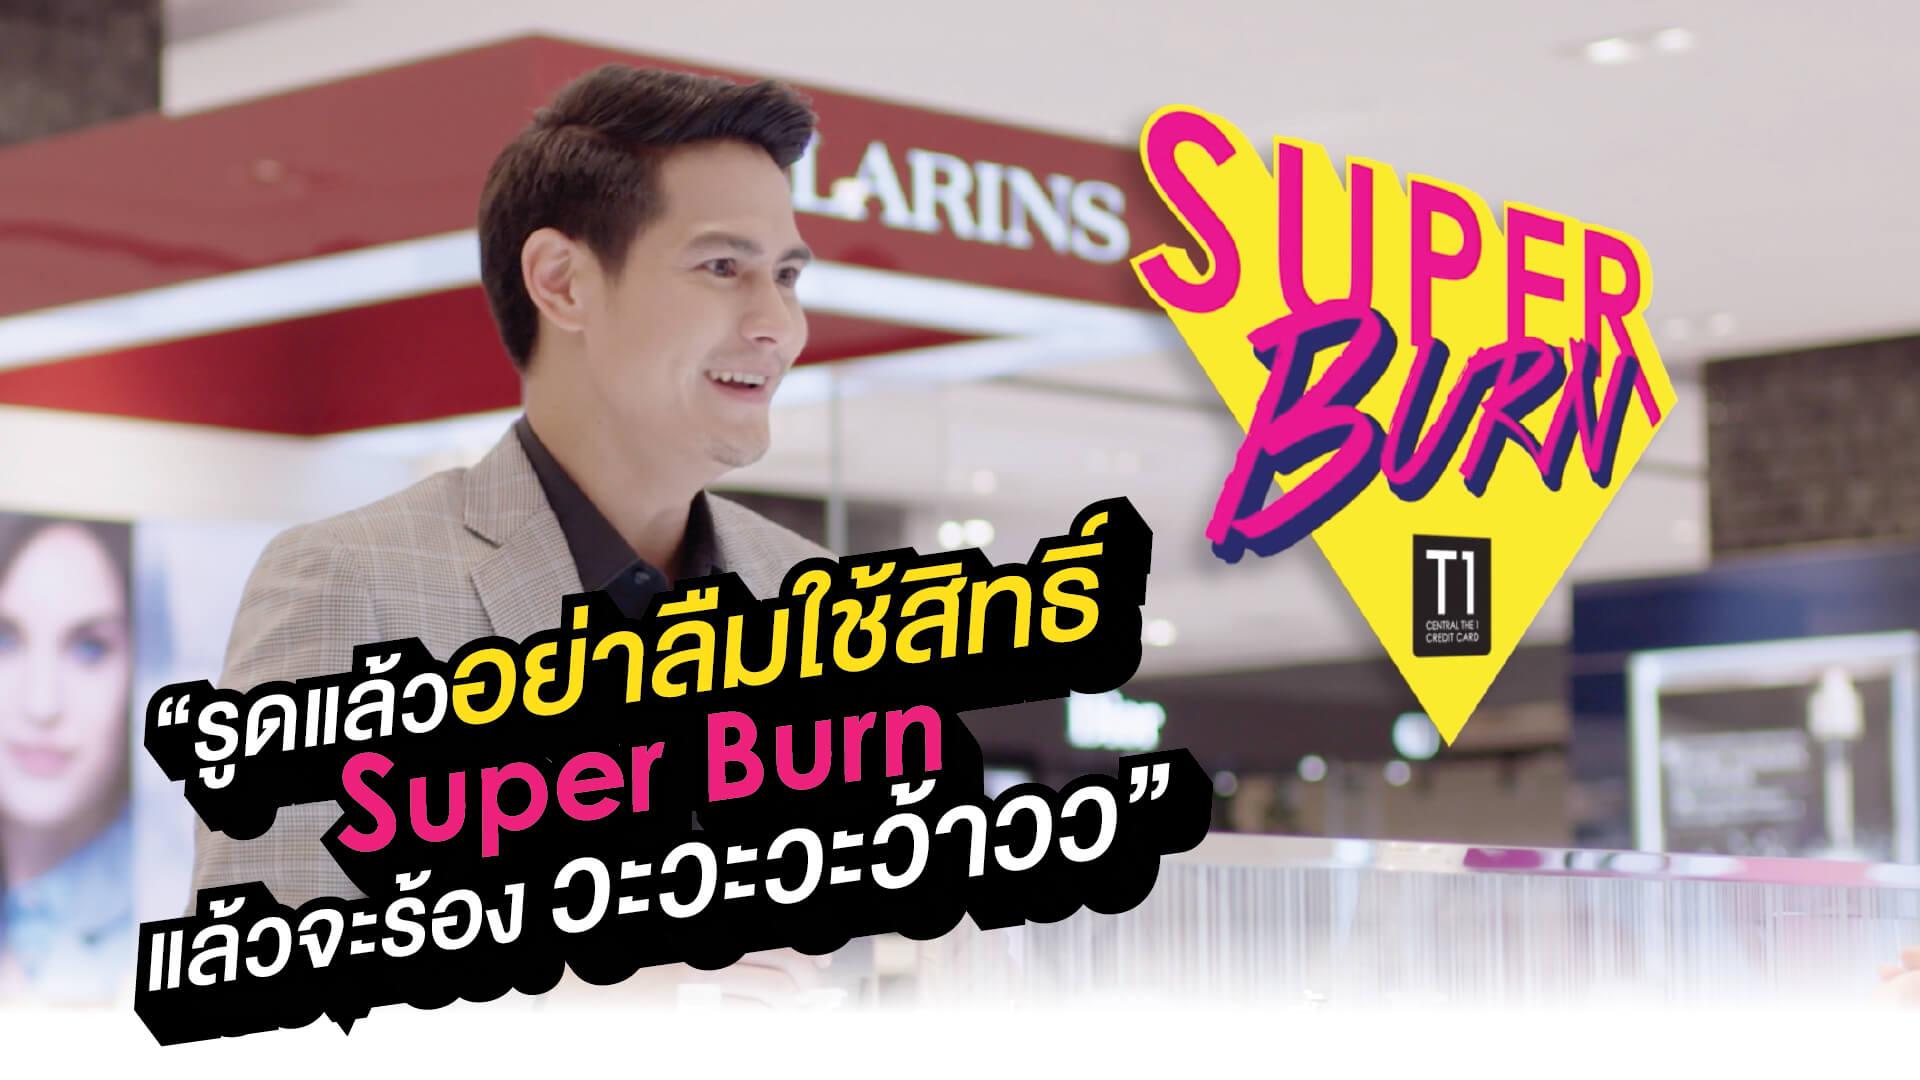 Super Burn